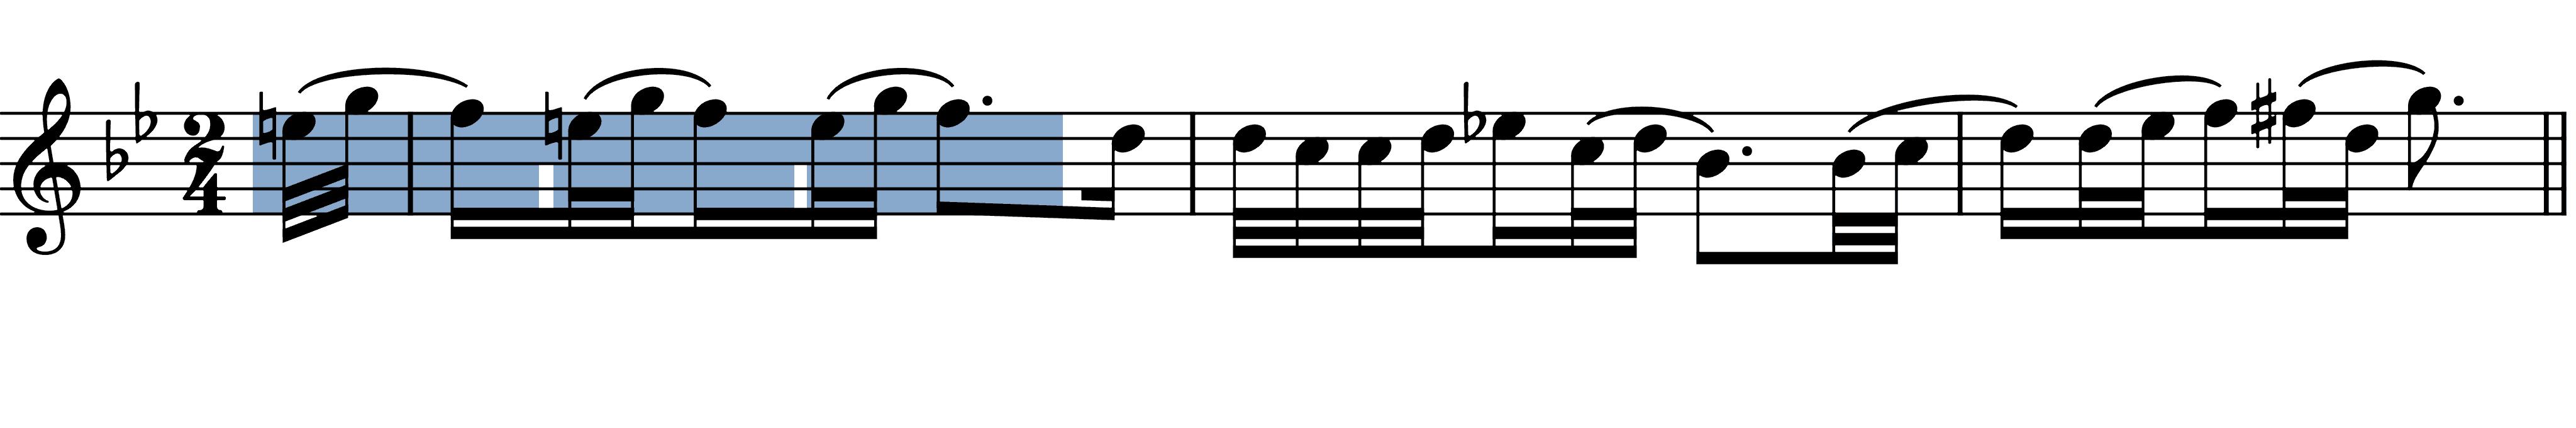 beethoven-symphony-8-ii melodic figures